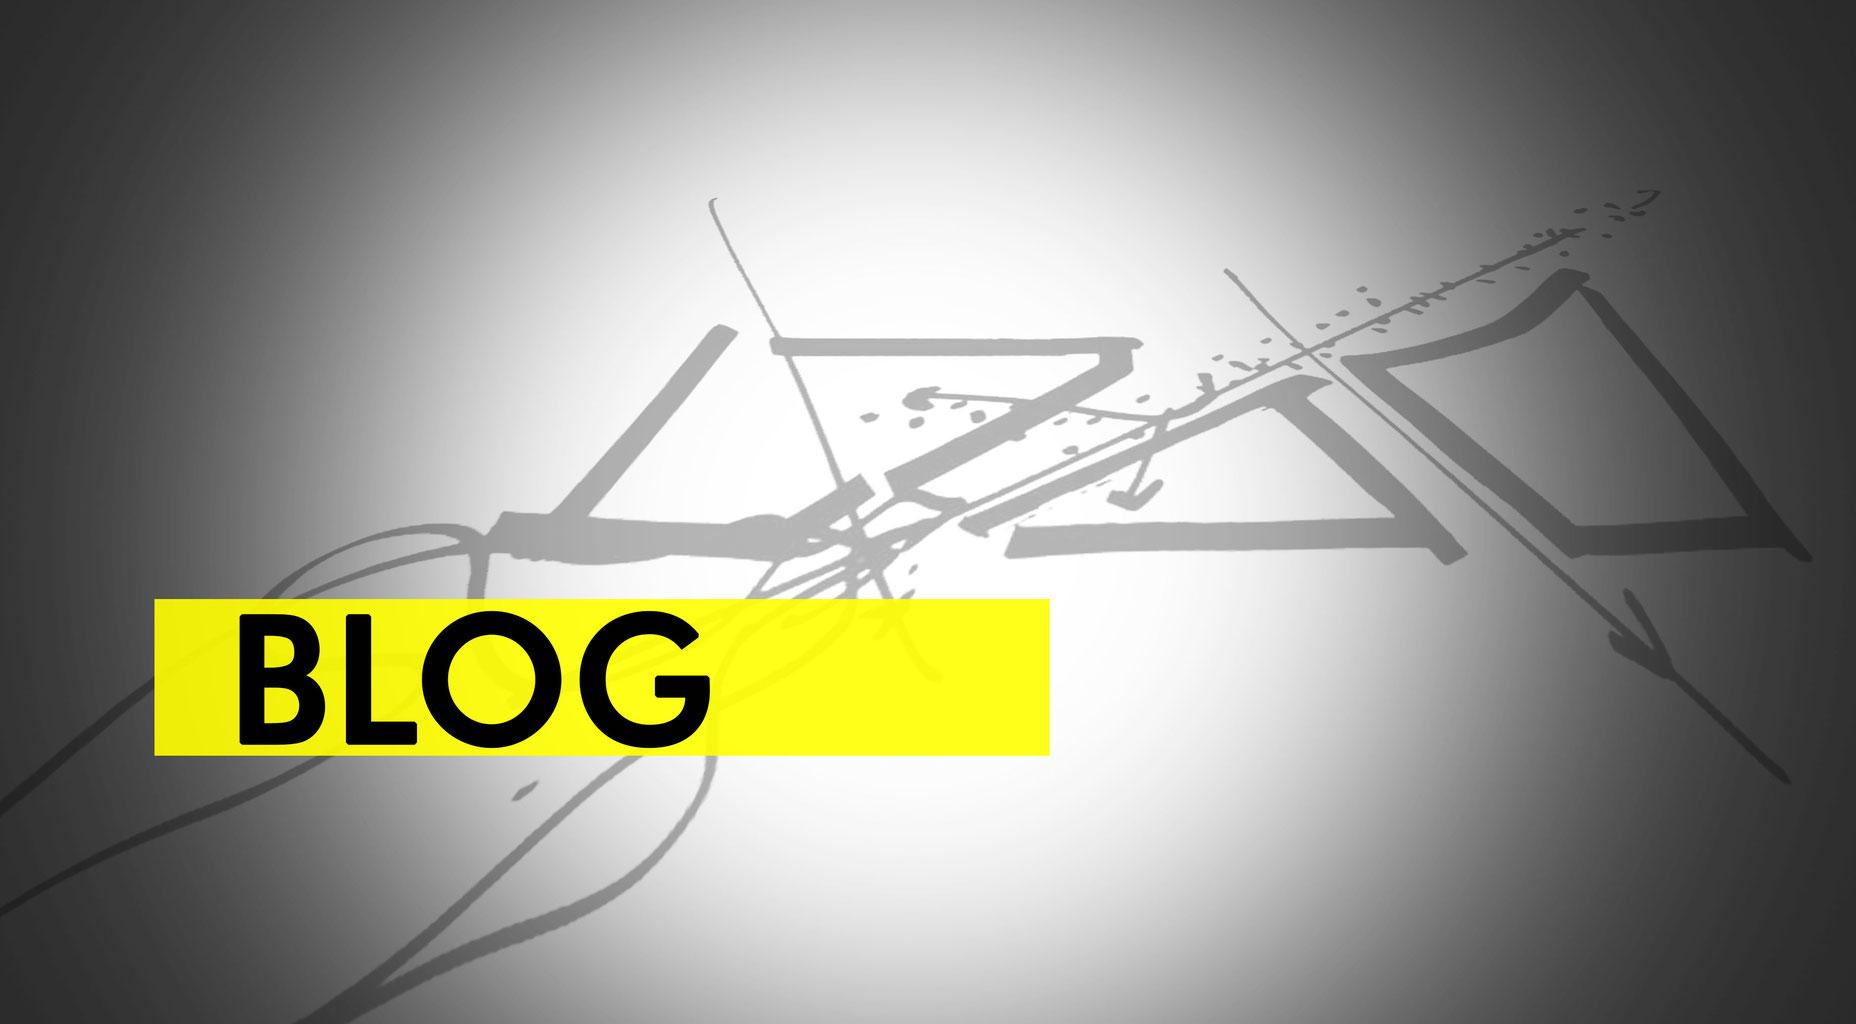 Pms architect il mio blog di architettura laboratorio for Blog architettura